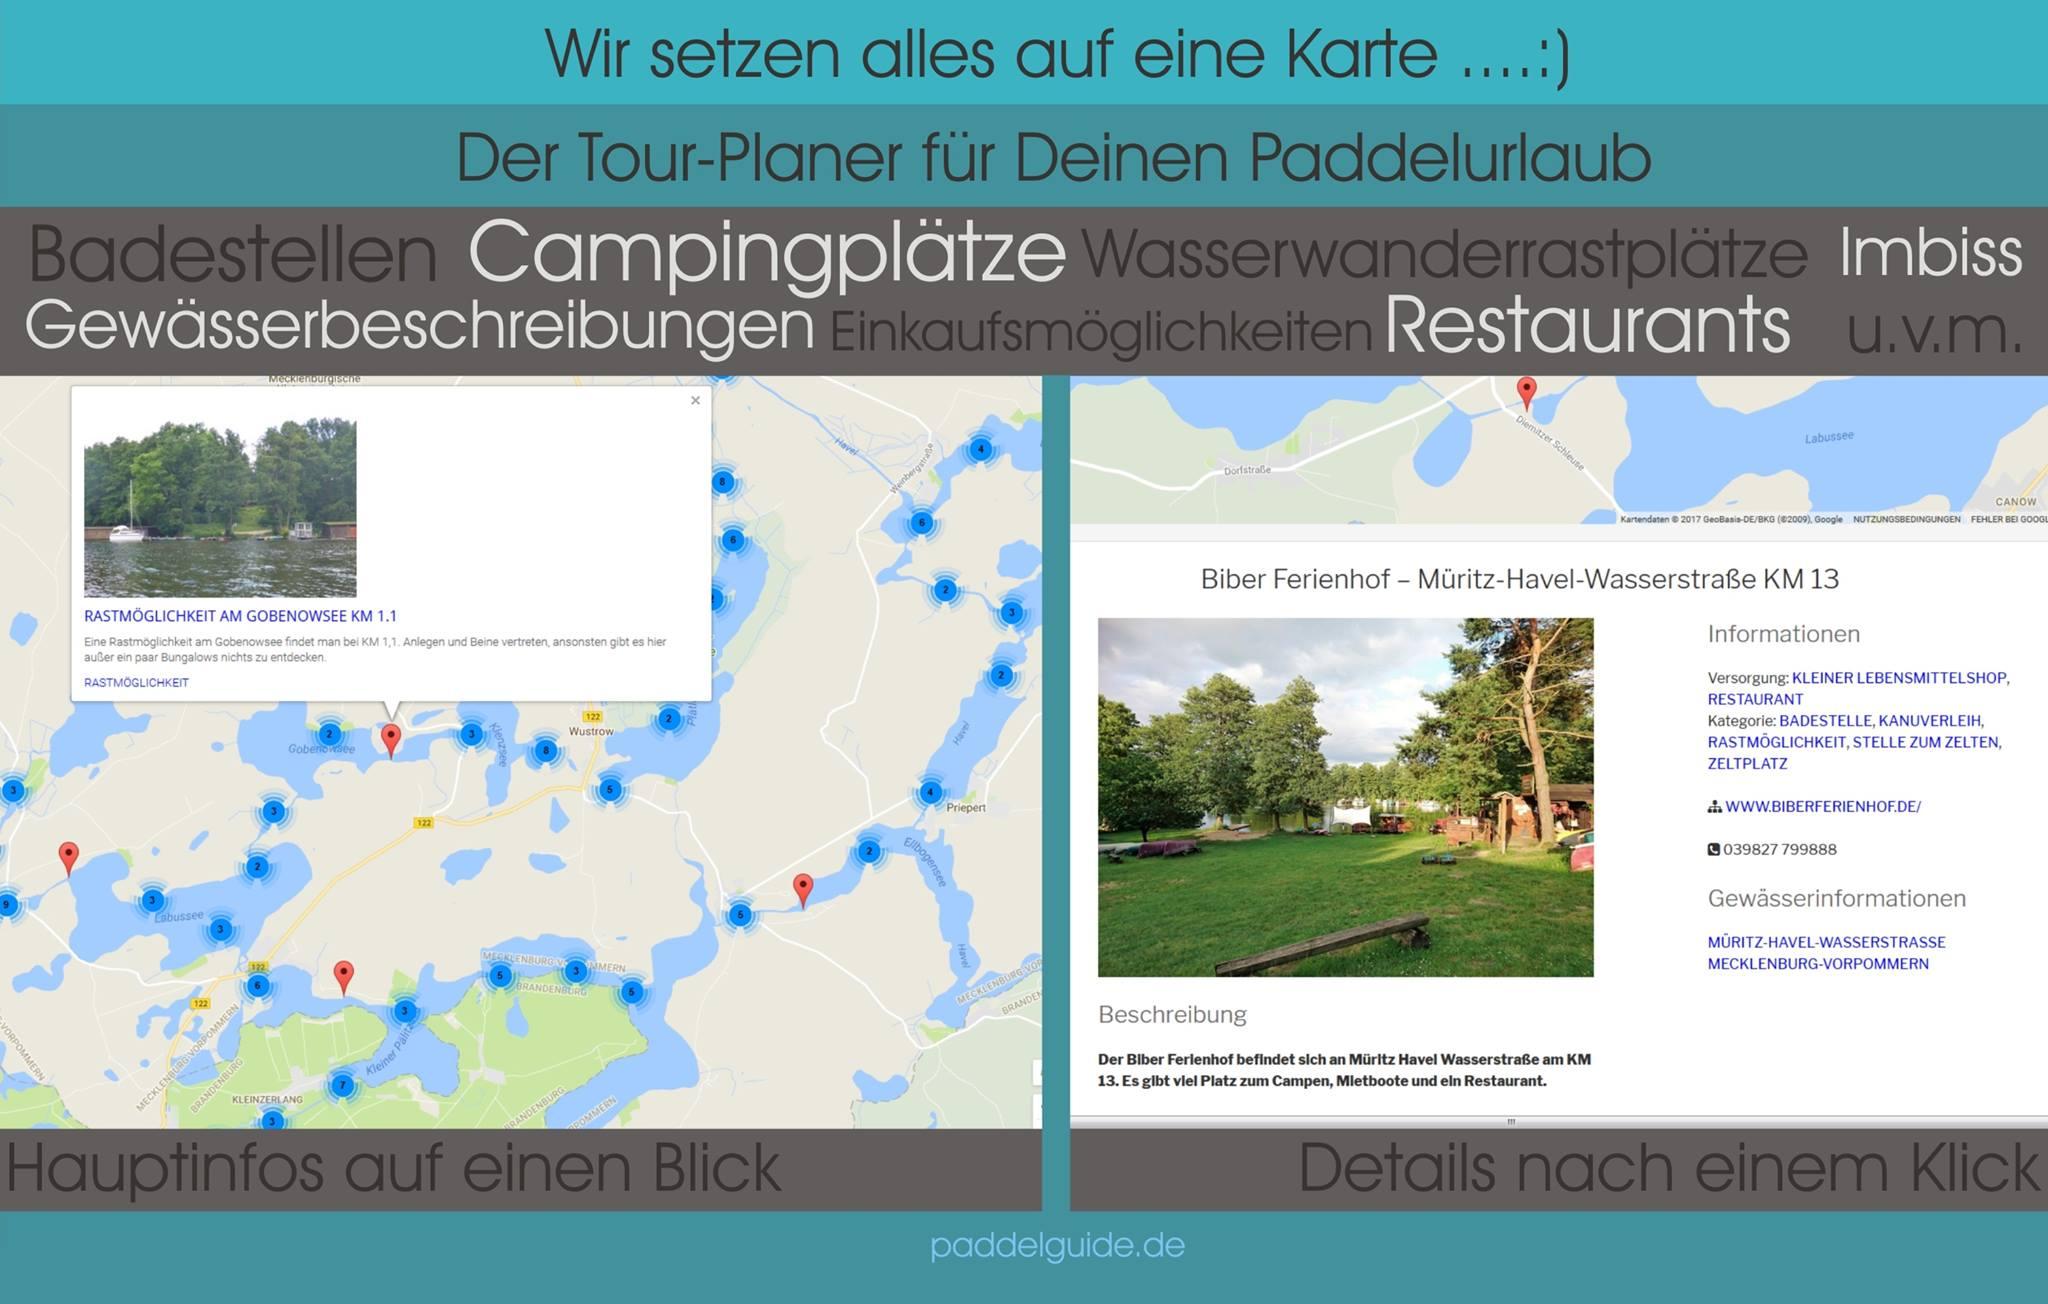 Wasserwandern Mecklenburgische Seenplatte Karte.Wasserwandern In Mecklenburg Vorpommern Paddelguide